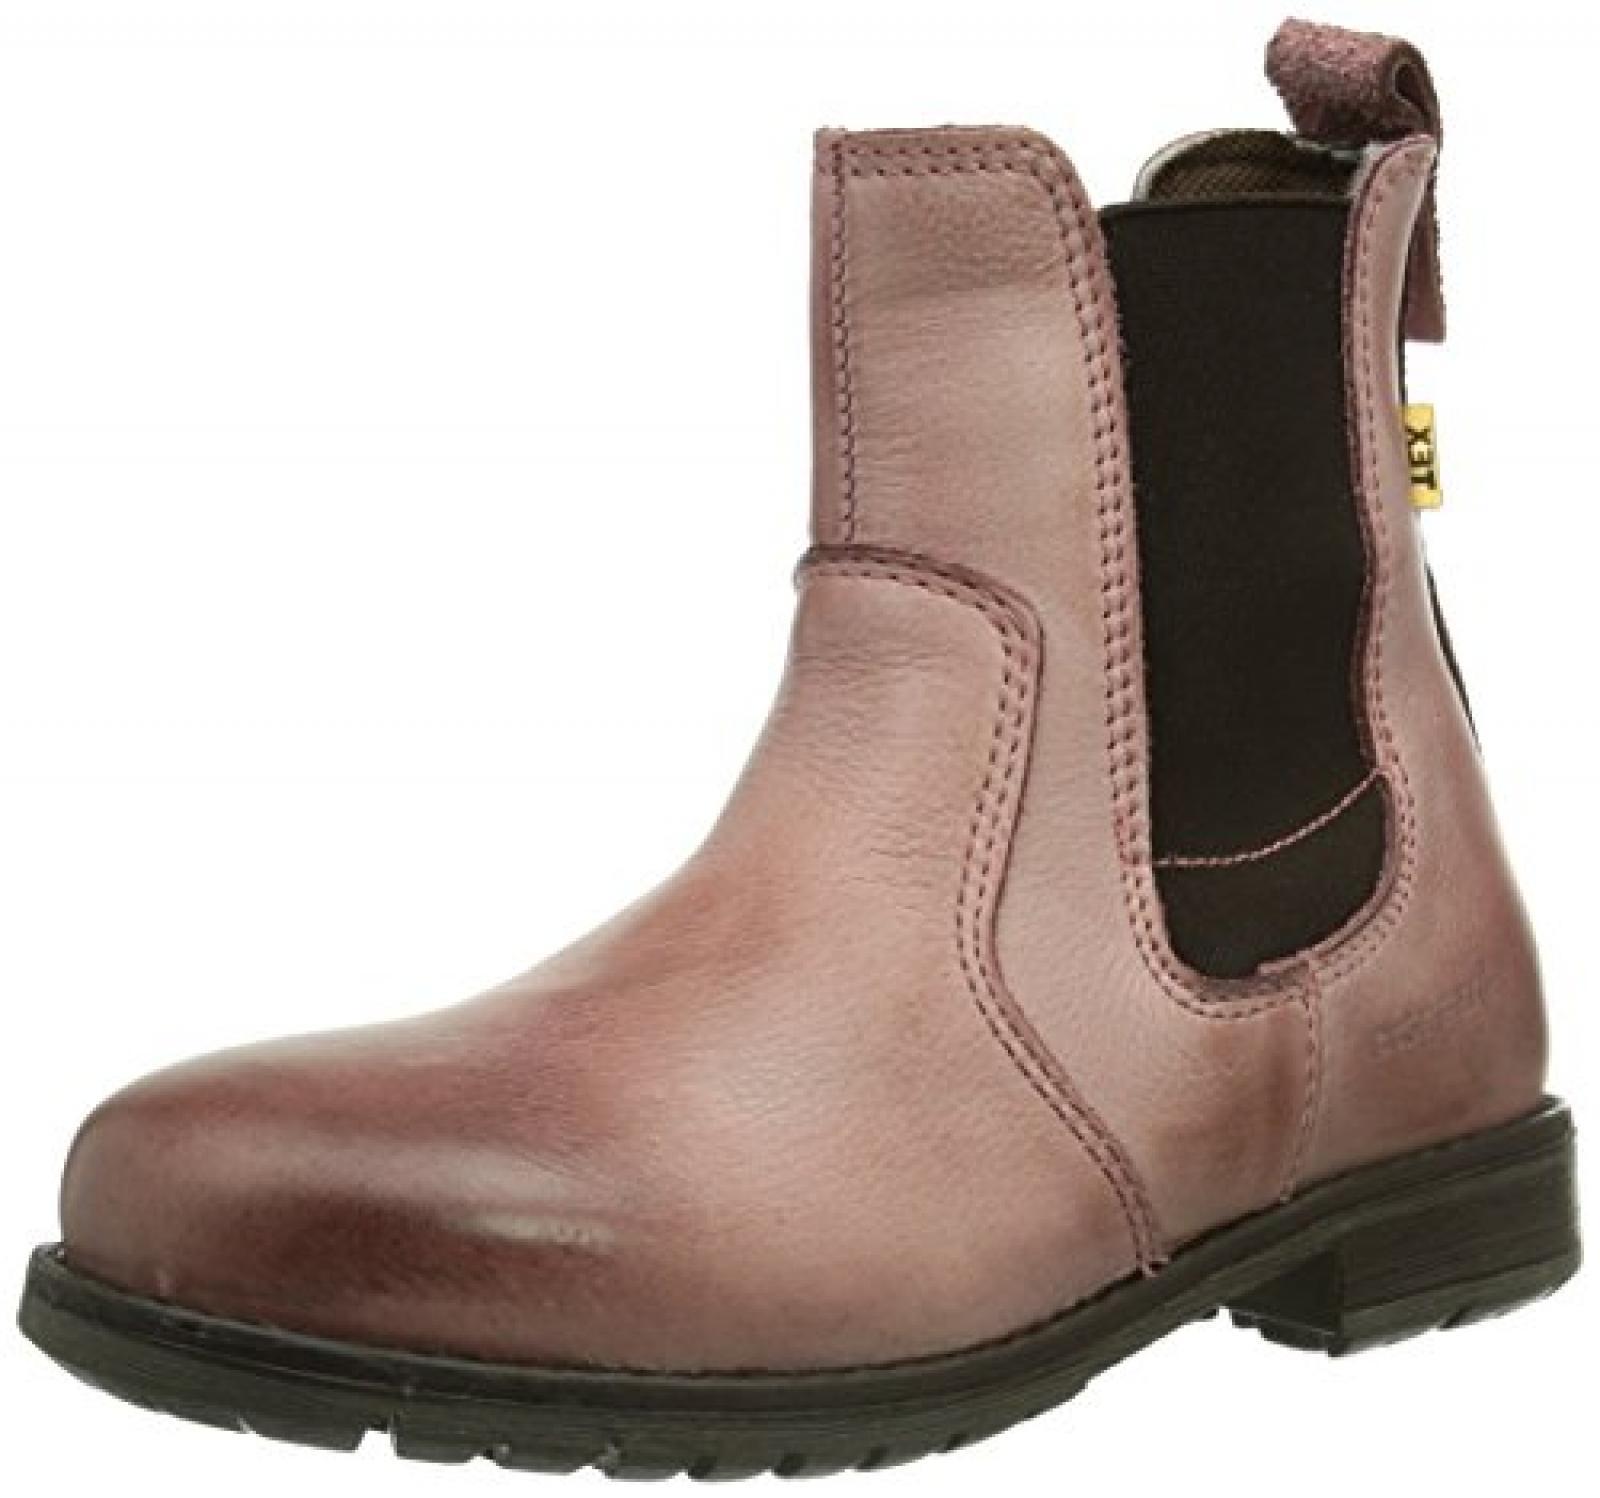 Bisgaard Stiefel mit Tex/Wolle Unisex-Kinder Chelsea Boots